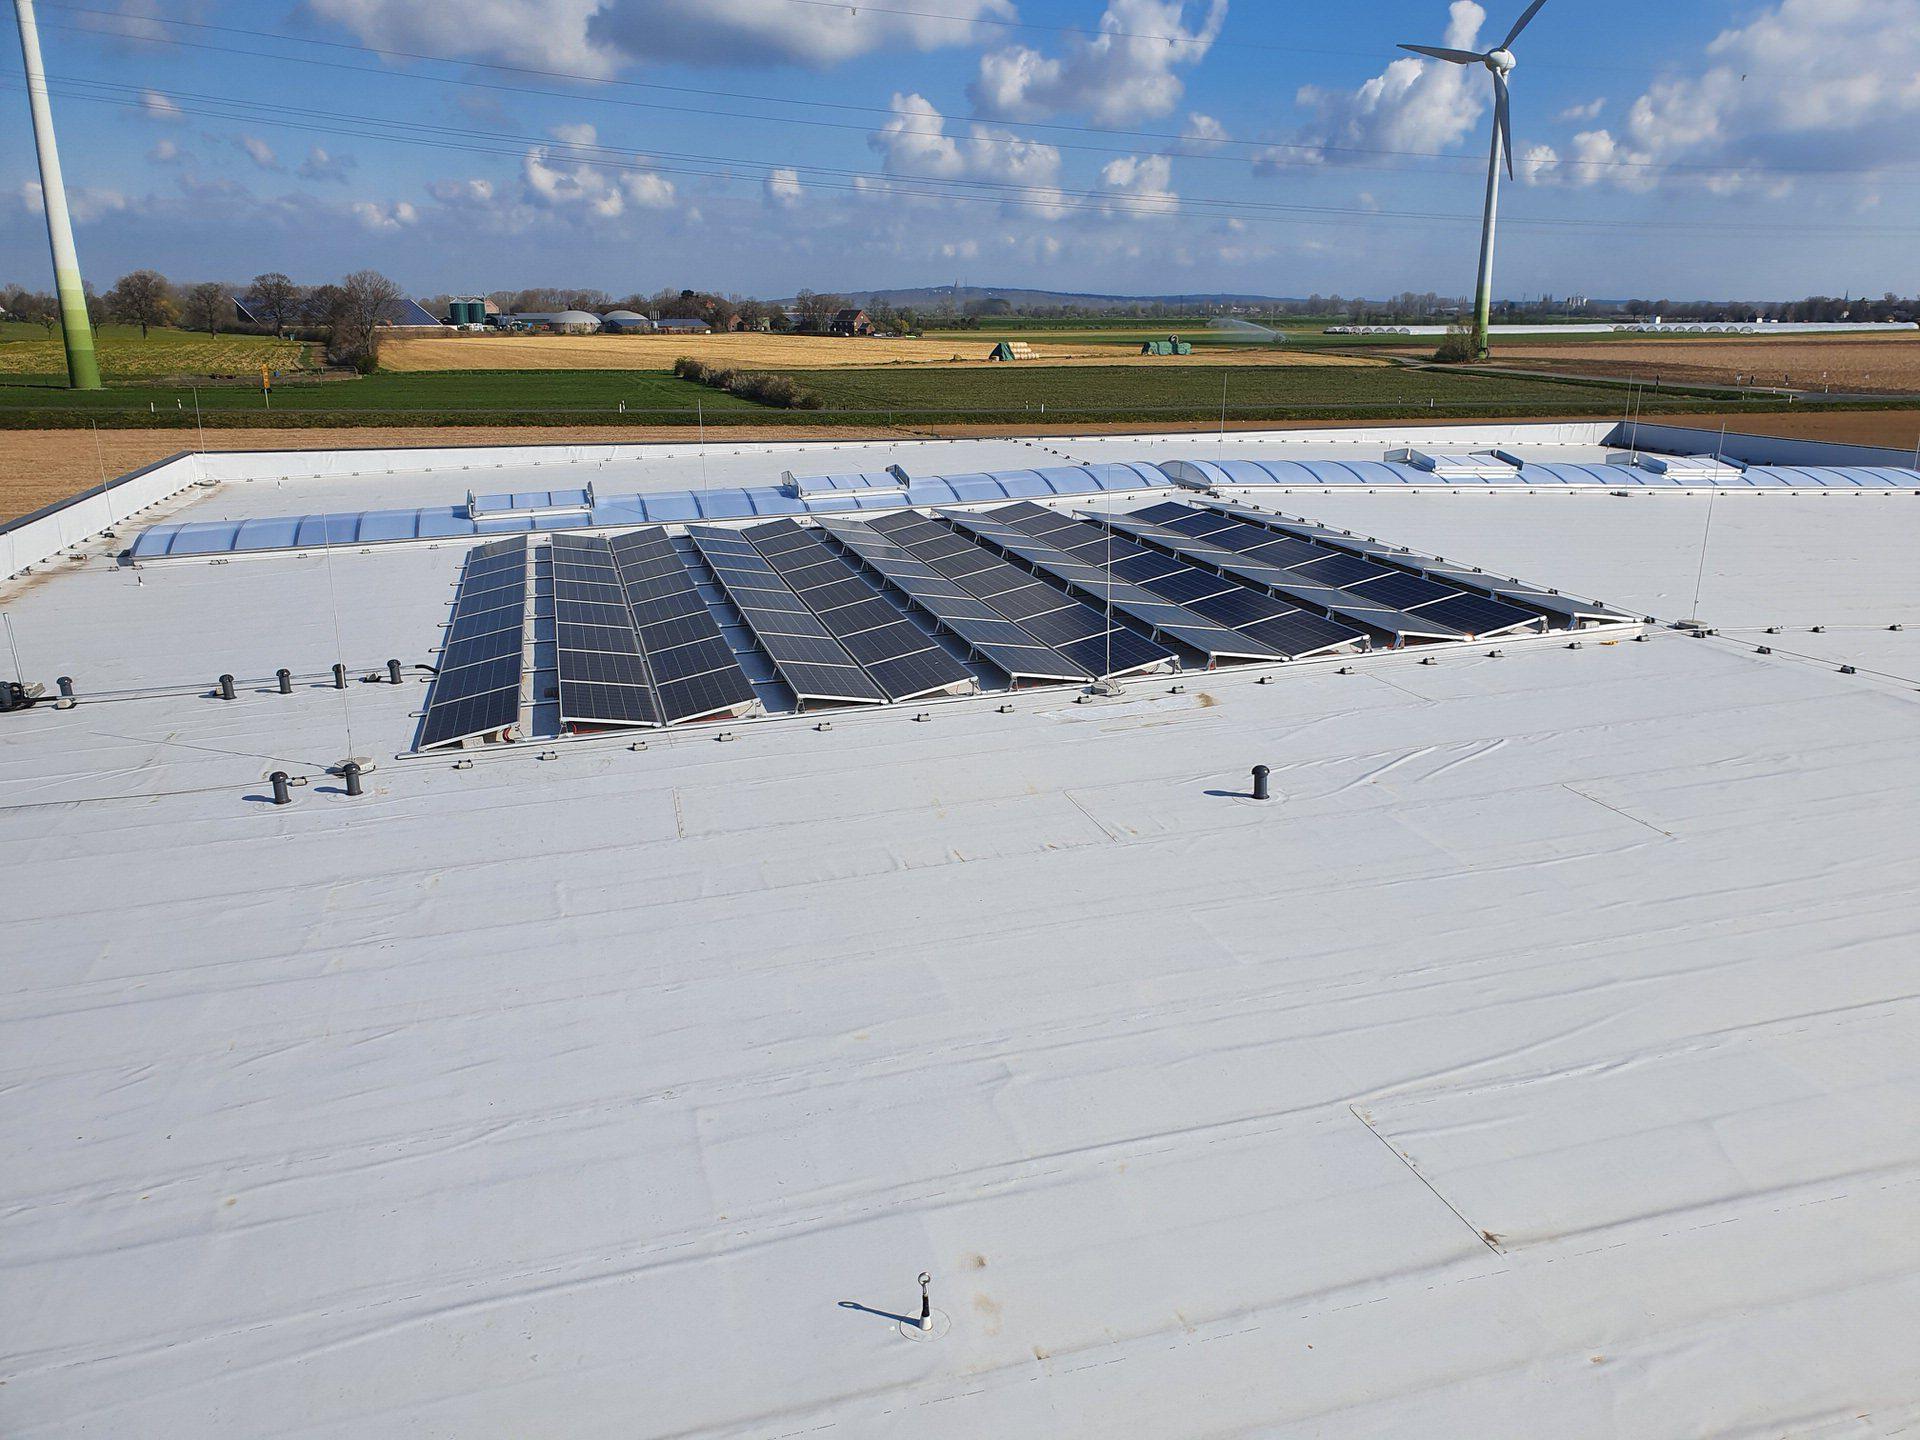 PV-Anlage mit 29,76 kWp Anlagenleistung - Vorbereitet für eine spätere Anlagenerweiterung